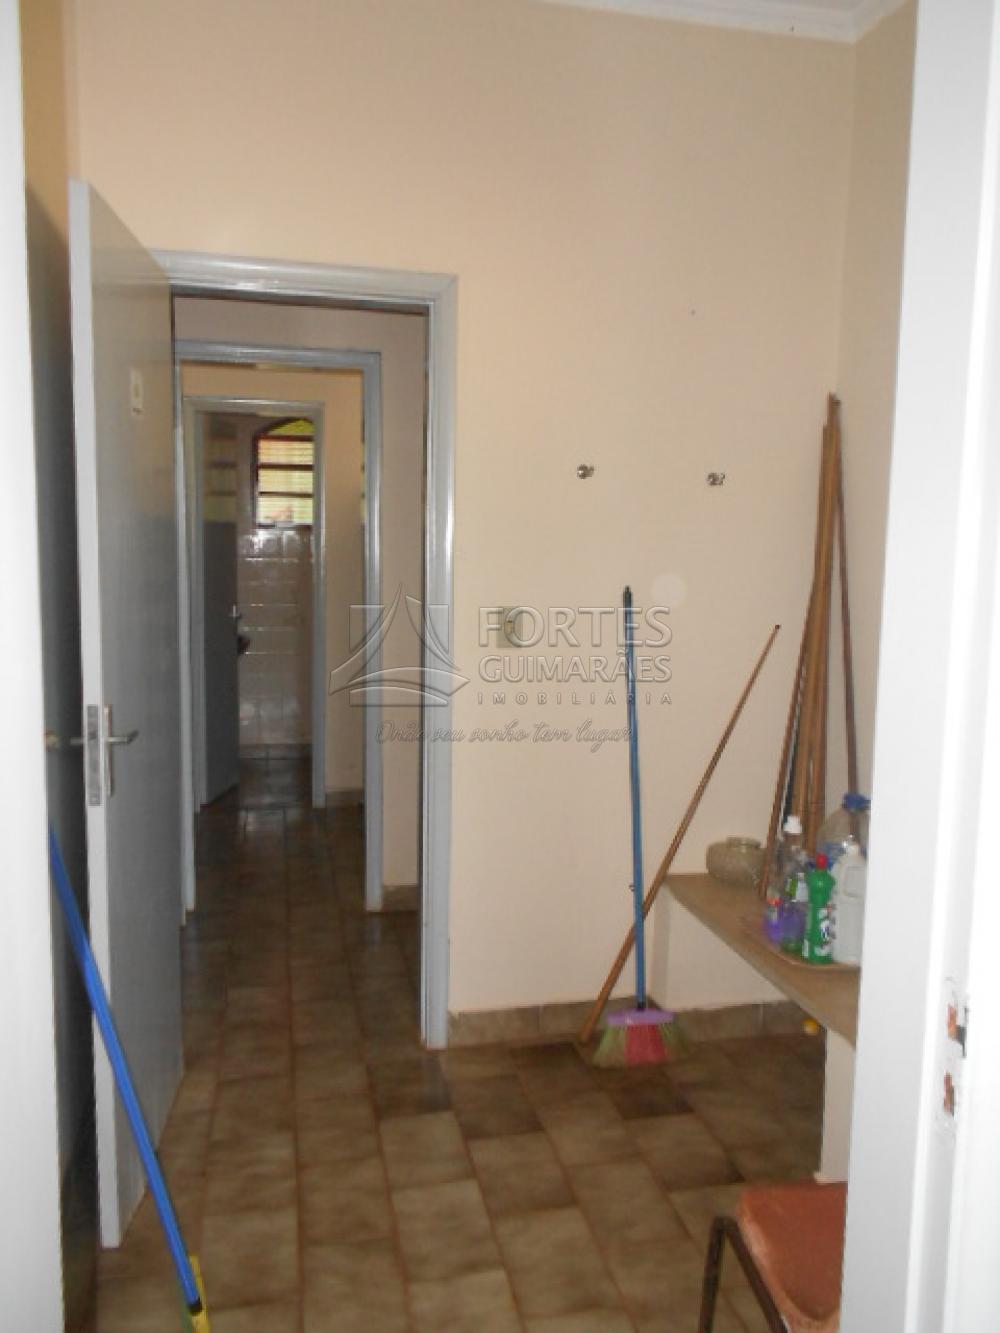 Alugar Casas / Condomínio em Jardinópolis apenas R$ 2.500,00 - Foto 27